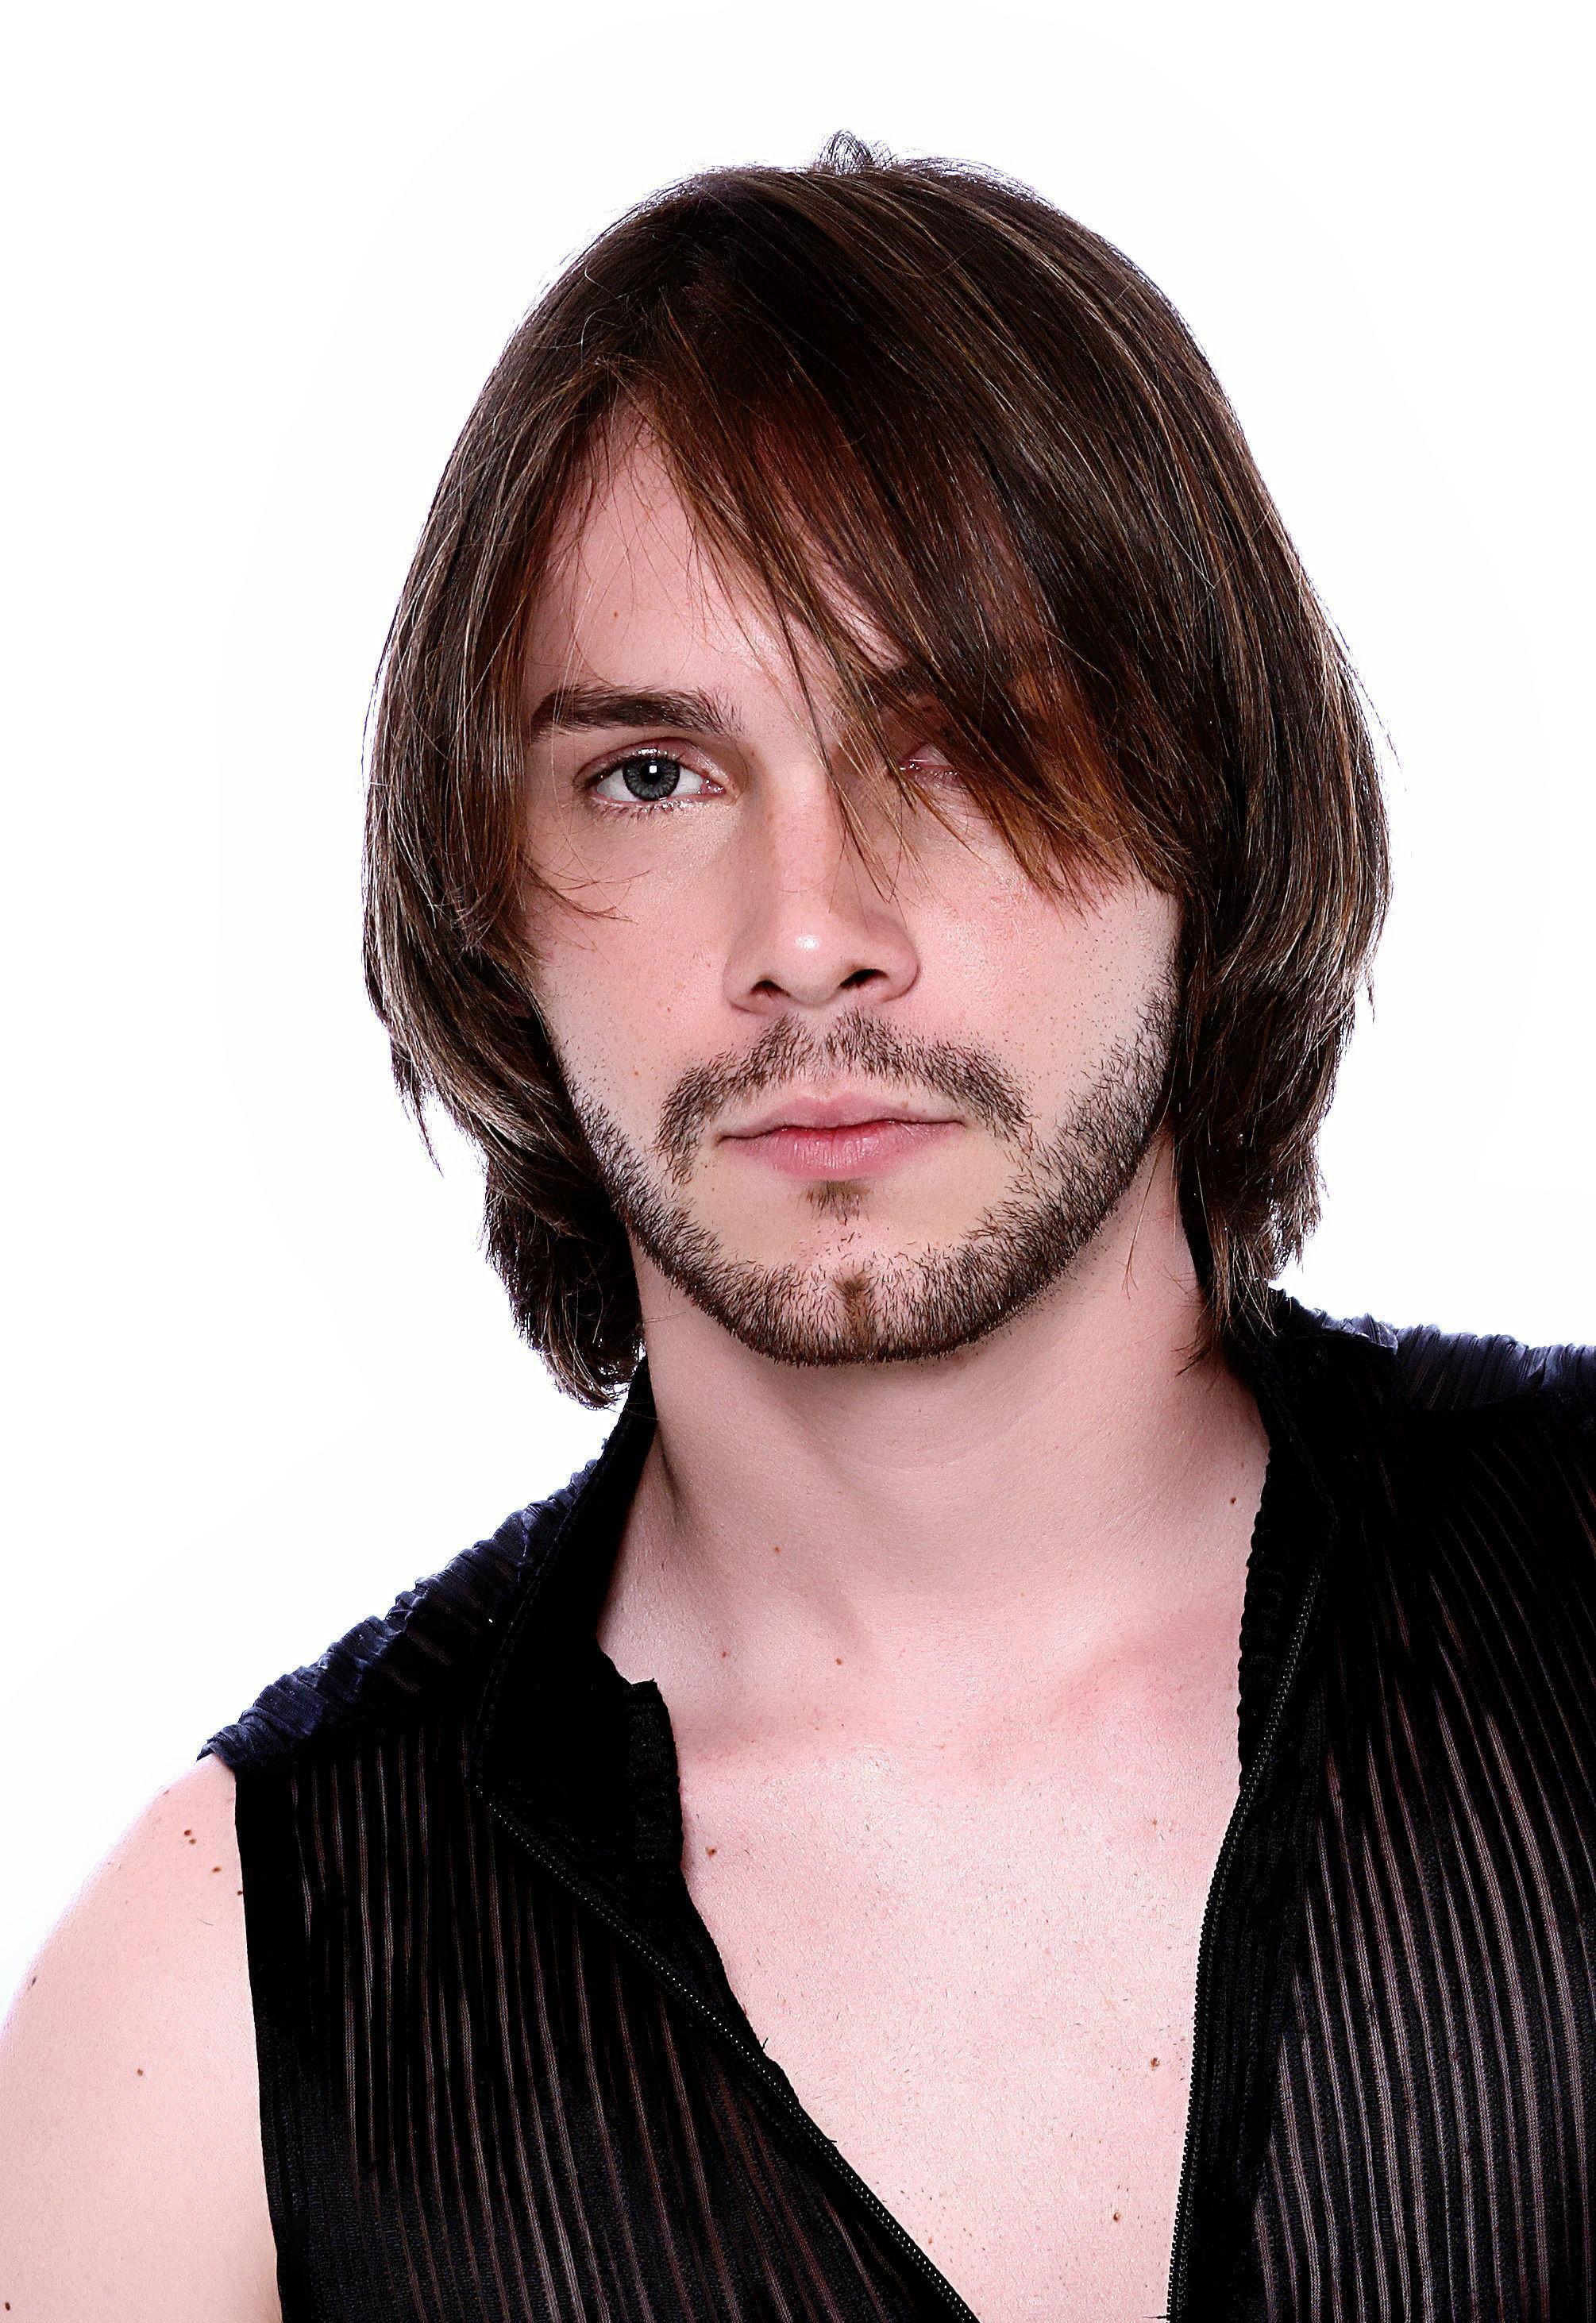 botox, liso, longo cabelo  cabeleireiro(a) docente / professor(a) maquiador(a) stylist /visagista